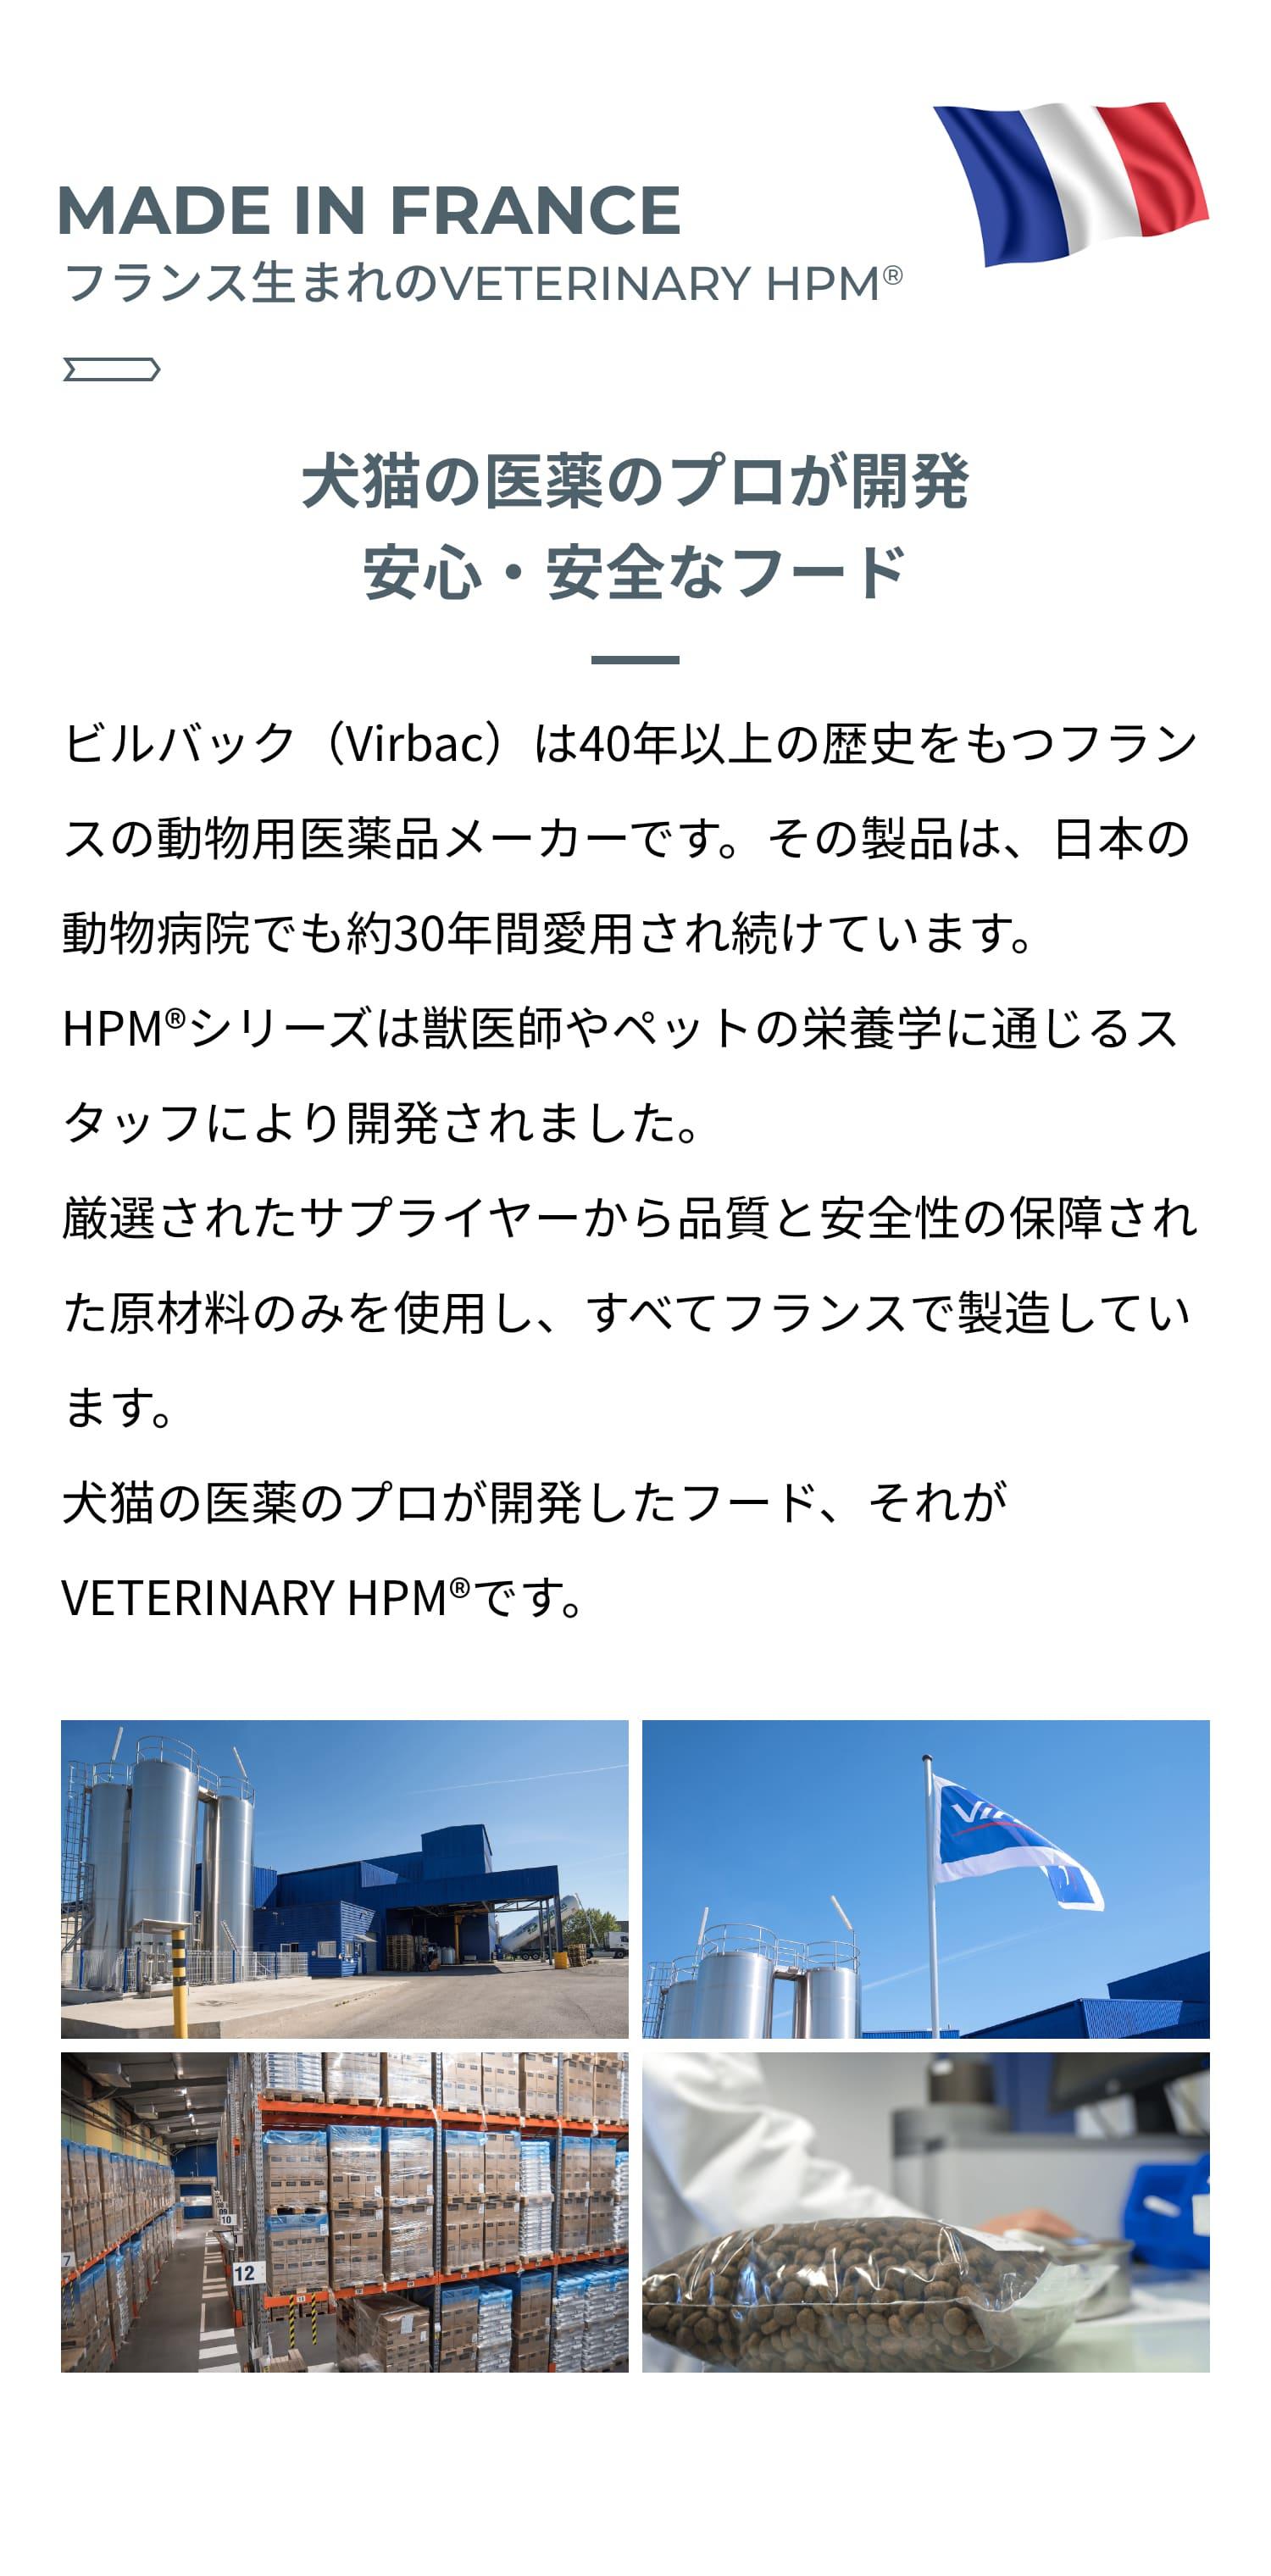 MADE IN FRANCE フランス生まれのVETERINARY HPM®︎ 犬猫の医薬のプロが開発 安心・安全なフード ビルバック(Virbac)は40年以上の歴史をもつフランスの動物用医薬品メーカーです。その製品は、日本の動物病院でも約30年間愛用され続けています。HPM®︎シリーズは獣医師やペットの栄養学に通じるスタッフにより開発されました。厳選されたサプライヤーから品質と安全性の保障された原材料のみを使用し、すべてフランスで製造しています。犬猫の医薬のプロが開発したフード、それがVETERINARY HPM®︎です。